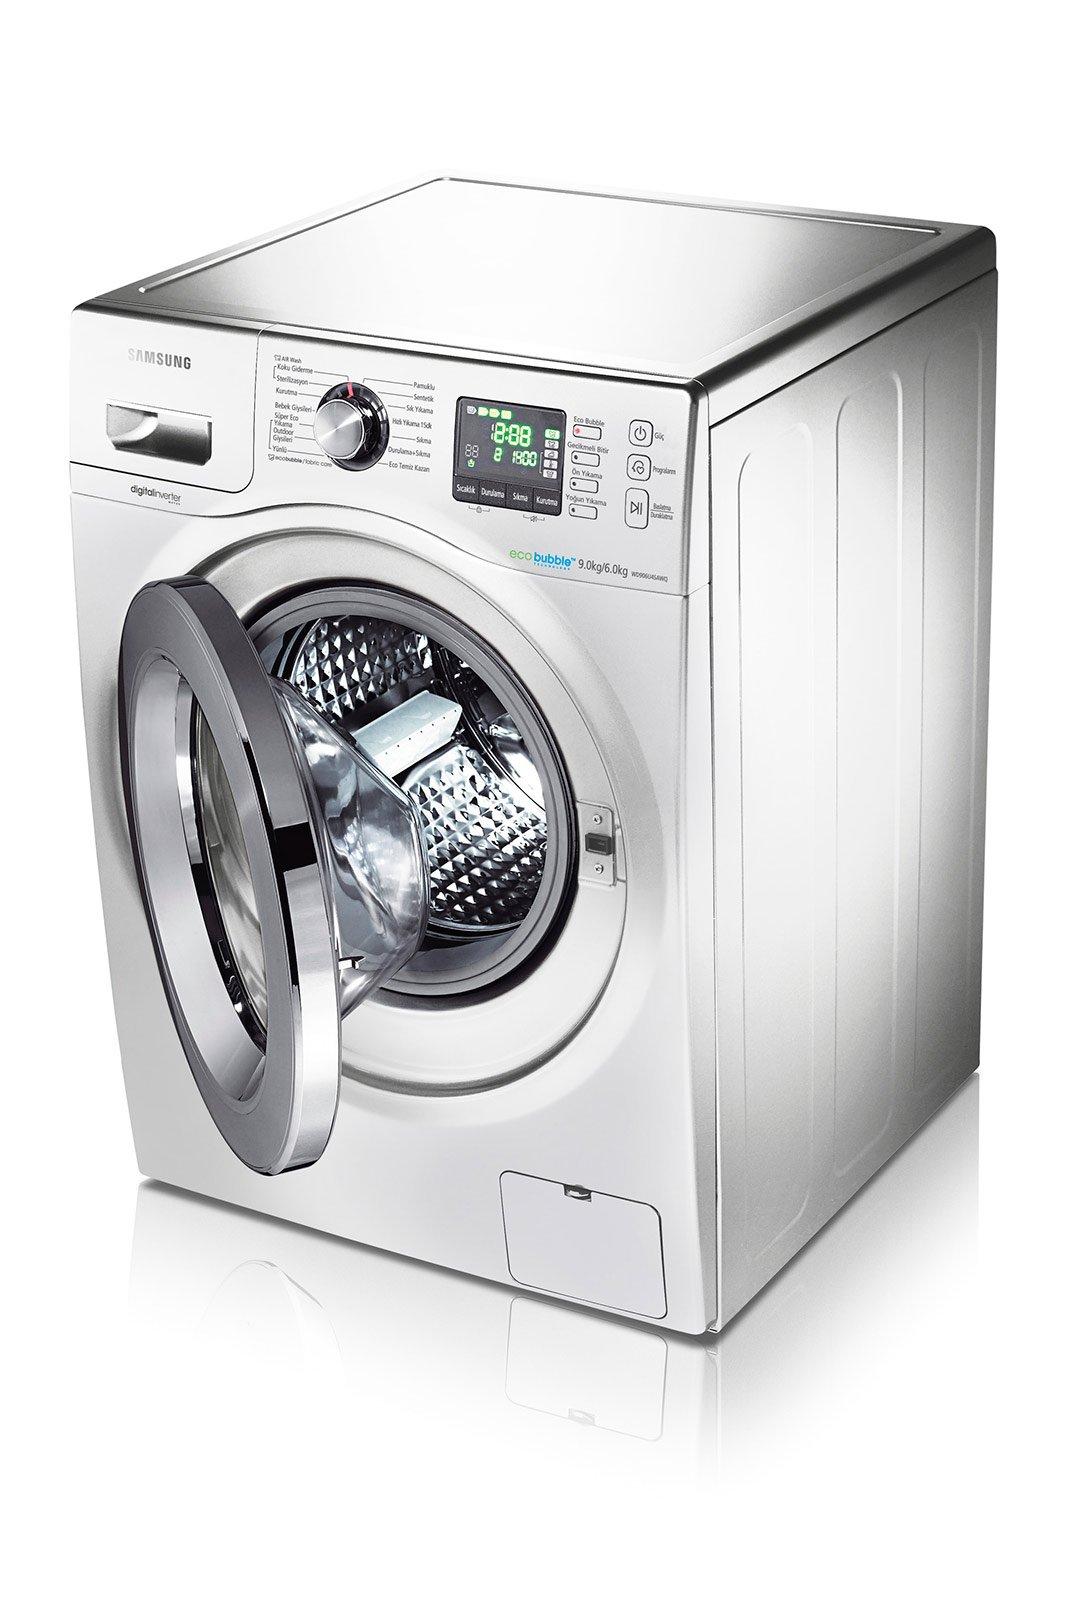 Lavasciuga, salvaspazio e salvatempo - Cose di Casa